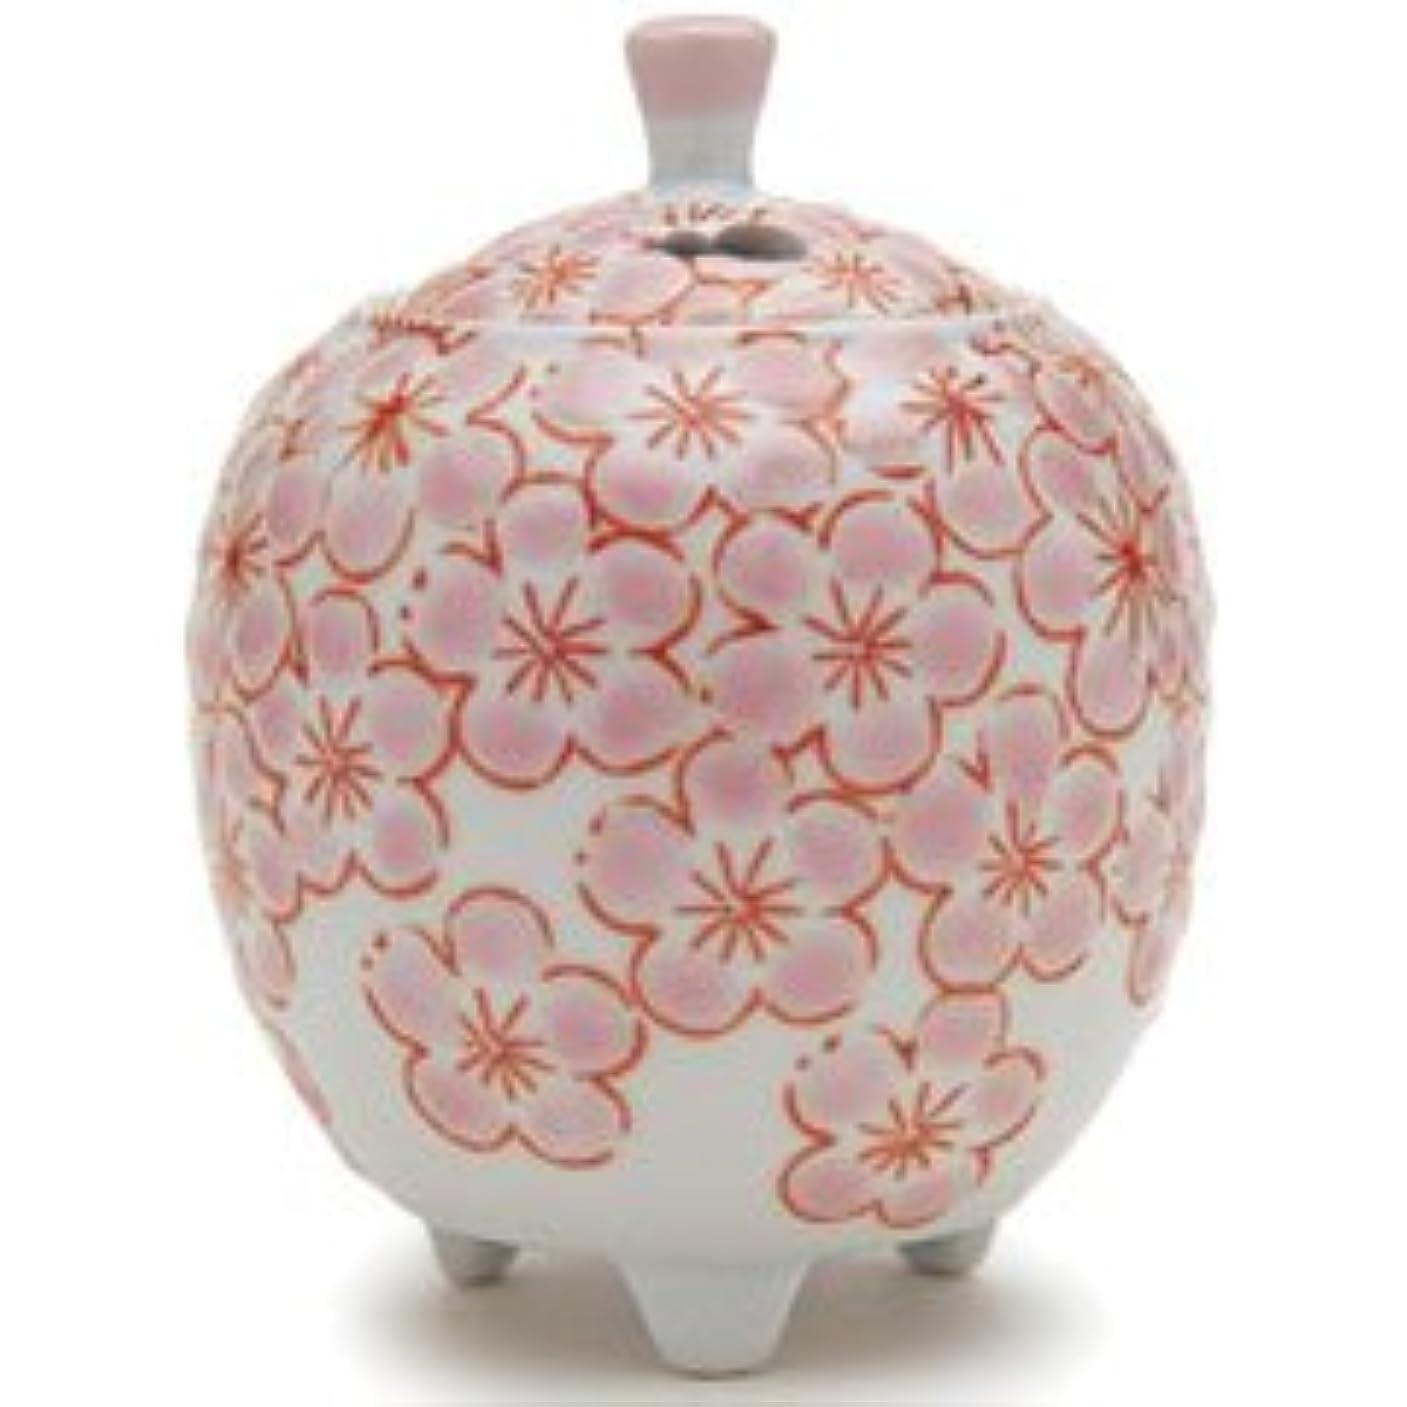 カウボーイ詳細なちっちゃい香炉 流麗 花詰 ピンク (九谷焼)